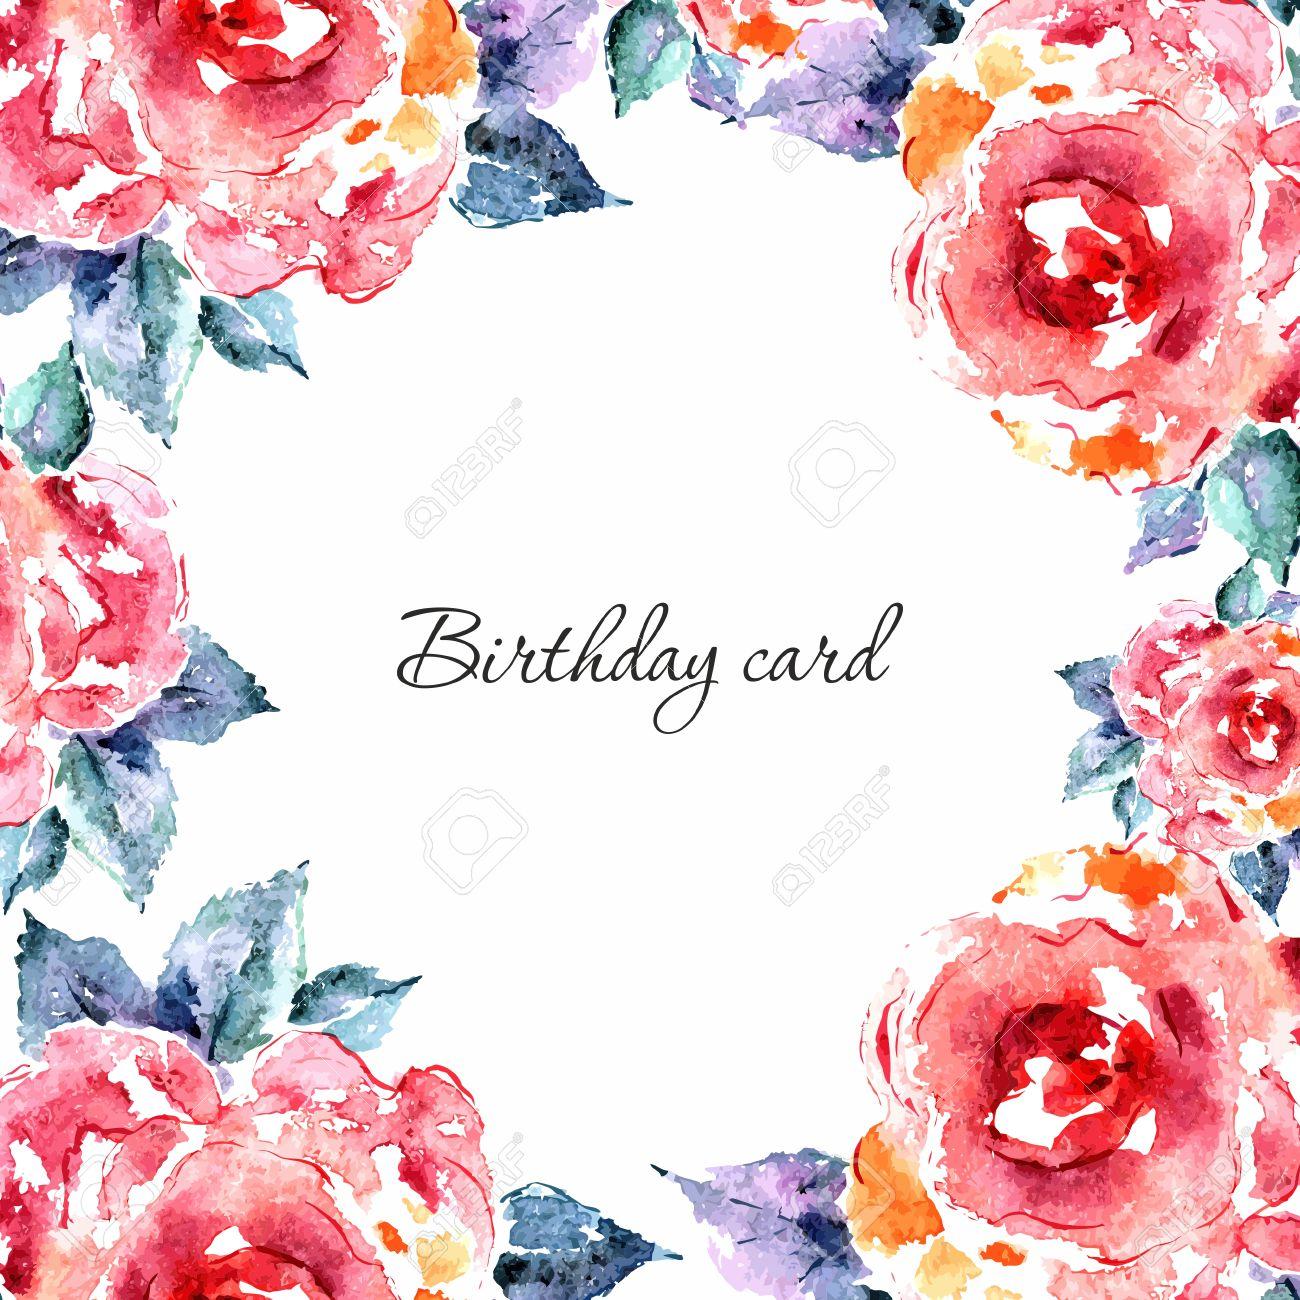 Invitación Tarjeta De Boda Tarjeta De Cumpleaños Marco Floral Fondo De La Acuarela Con Las Flores